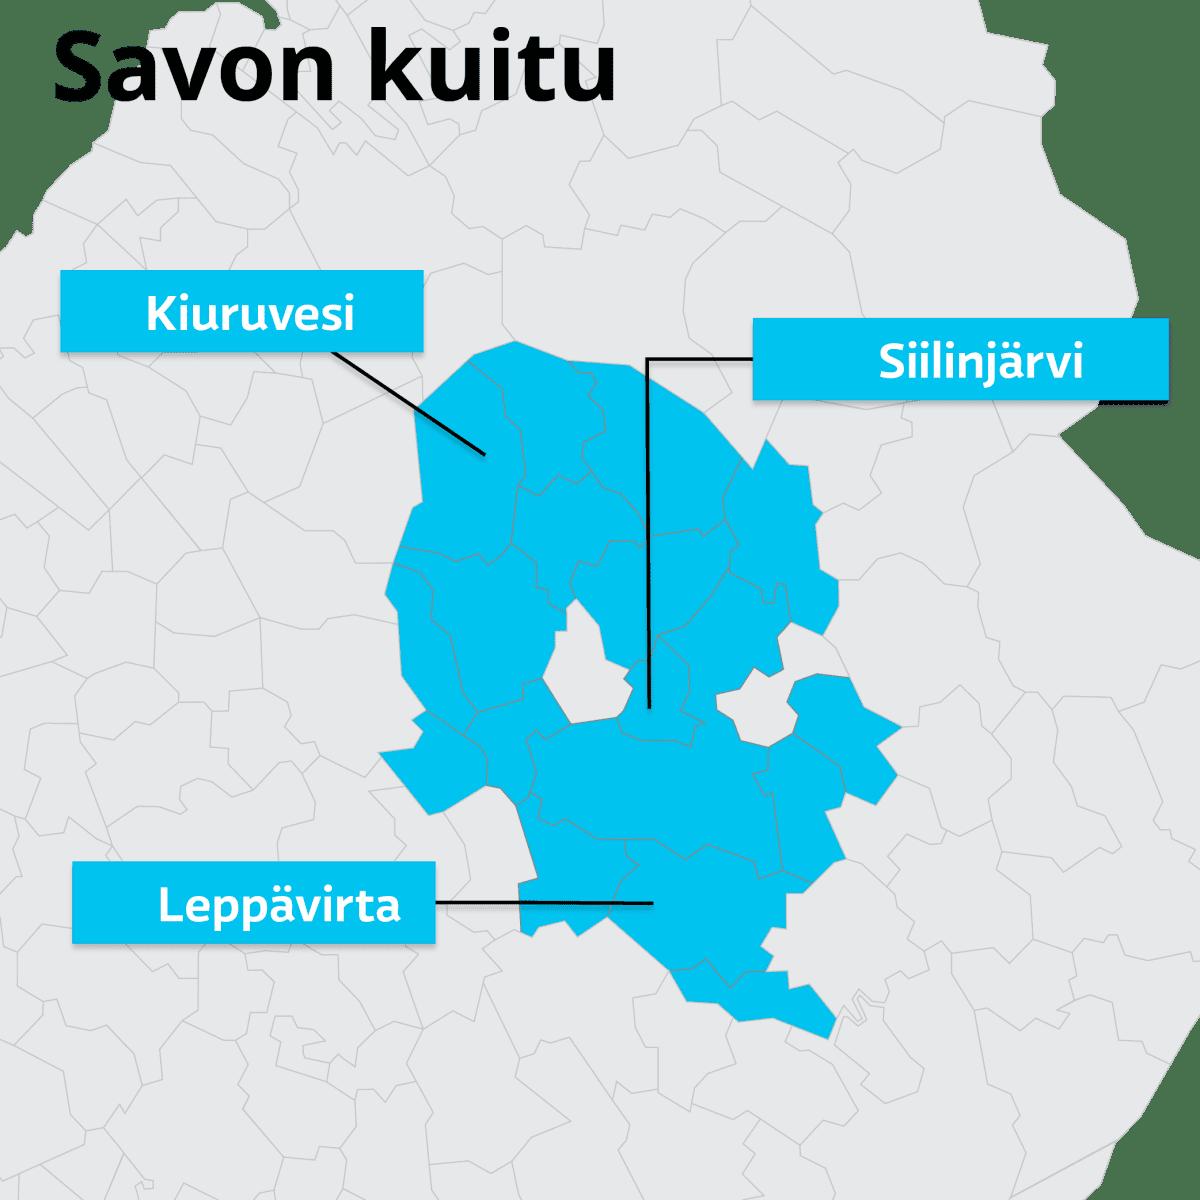 Kartta kunnista, jotka omistavat Savon kuitu-yhtiön.